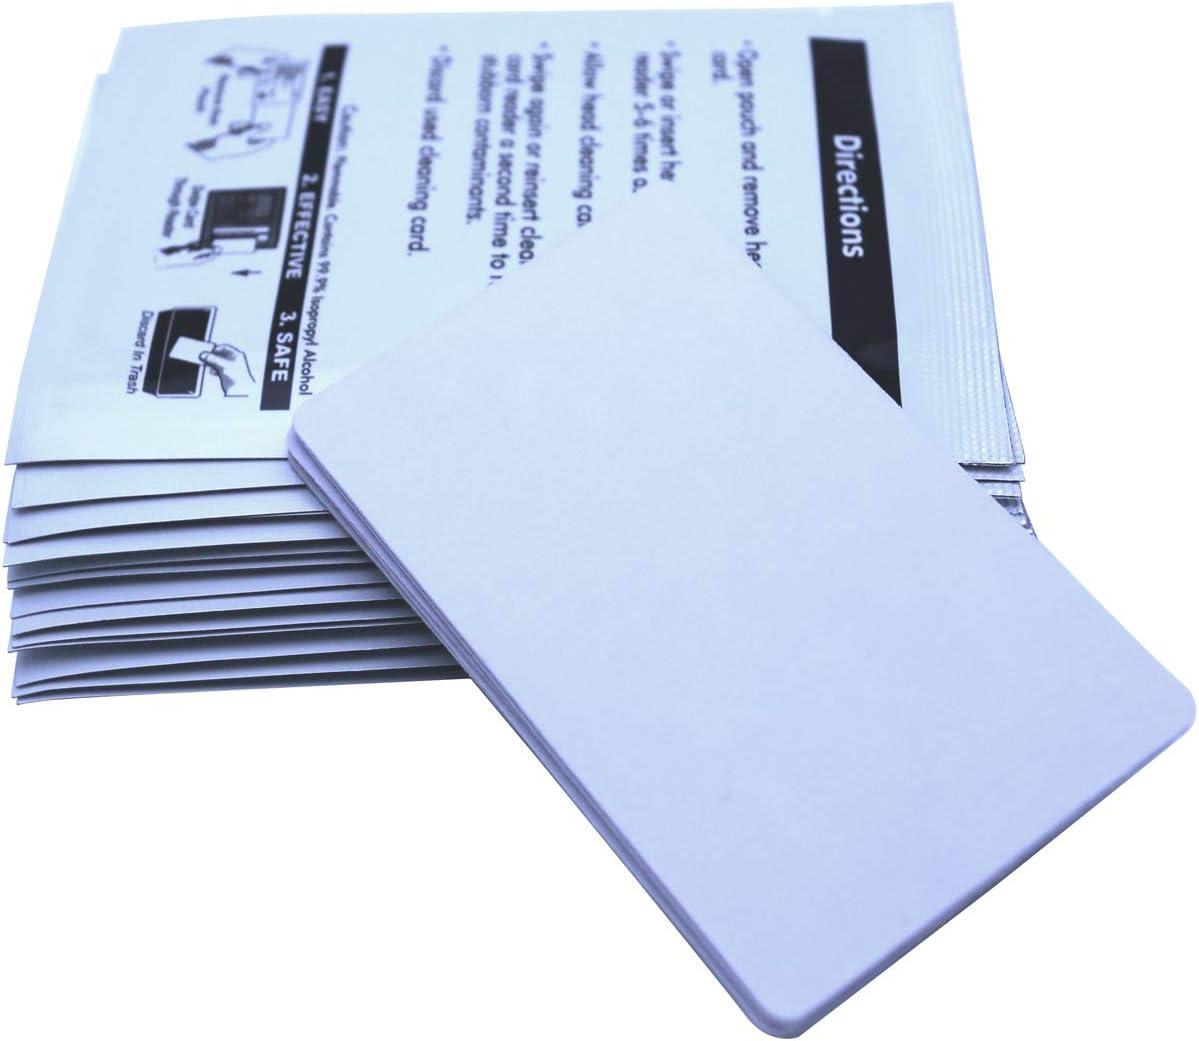 Bank Card Blocking Contactless Debit Kreditschutzhülse Mappen Halter Gesche C2R8